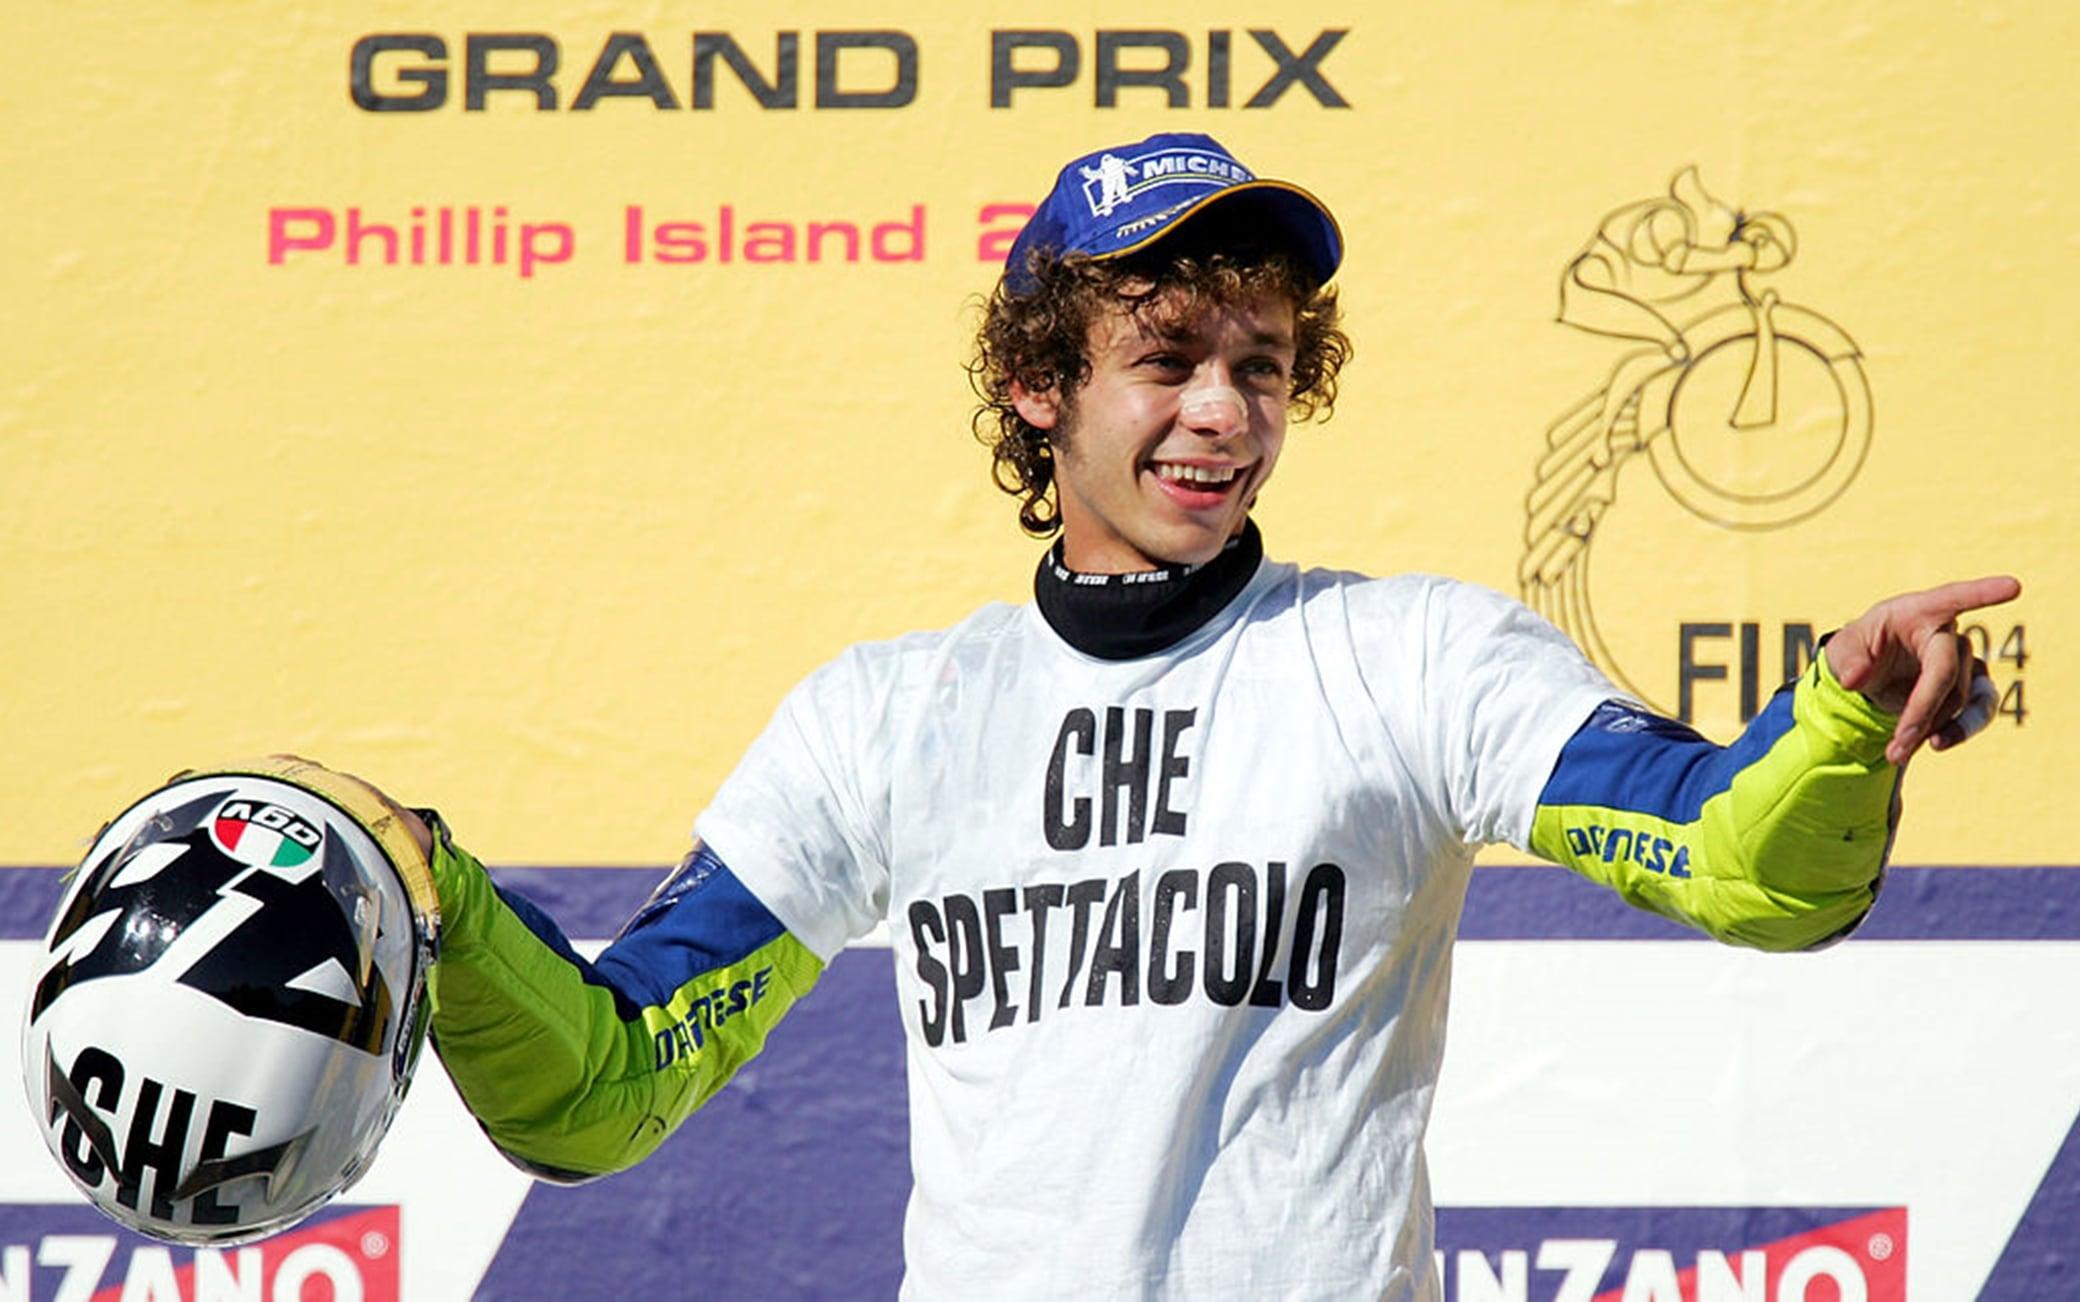 Valentino Rossi e la Yamaha: le vittorie e i record conquistati insieme in  MotoGP. FOTO   Sky Sport